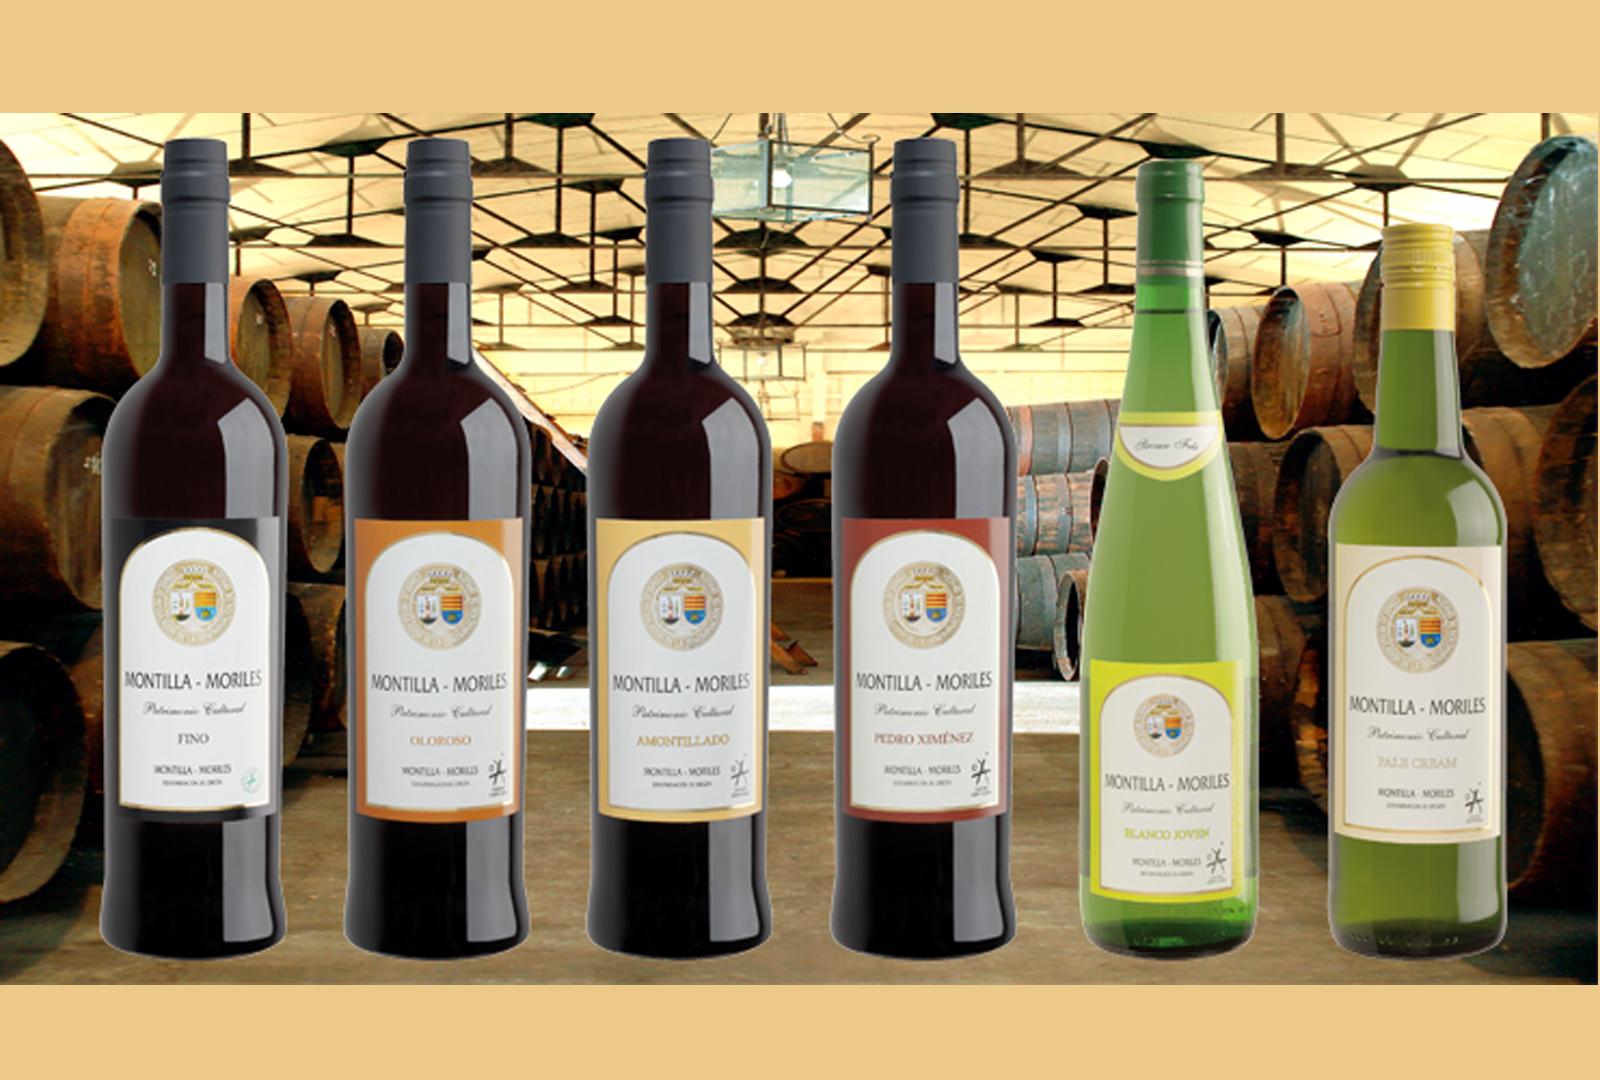 Los vinos de Montilla. Unos vinos diferentes de los jerezanos.